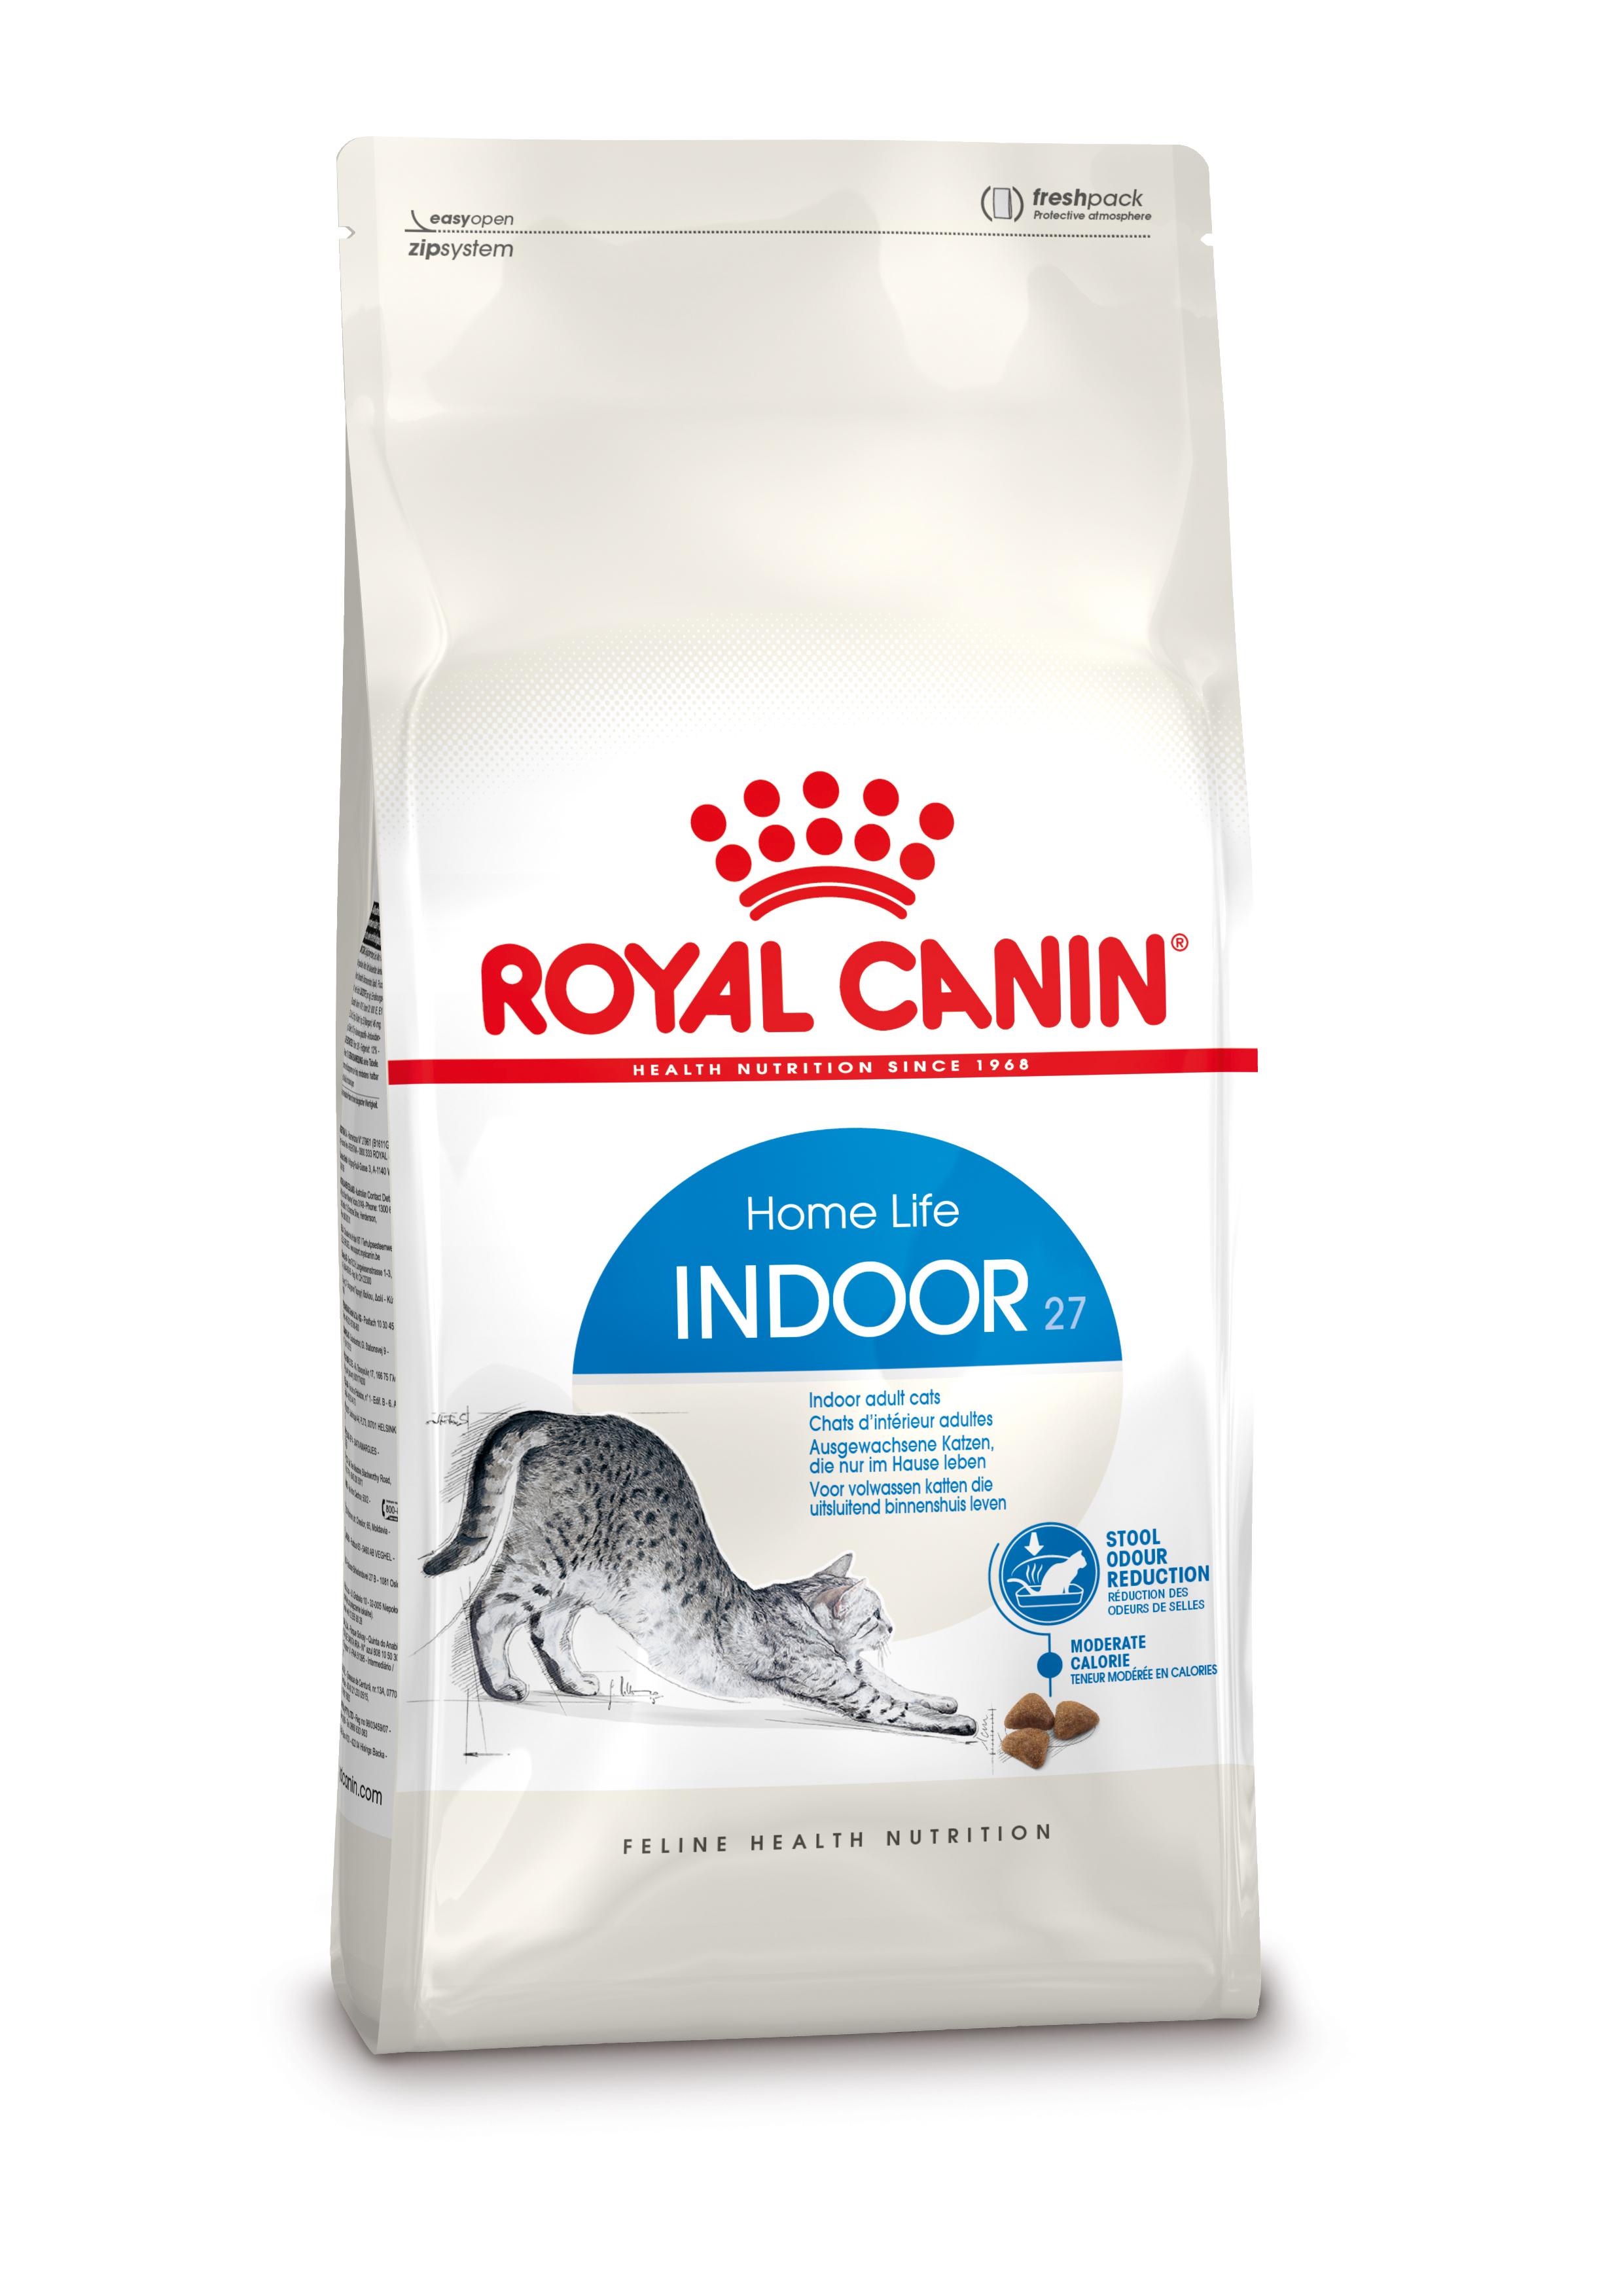 Royal Canin Indoor 27 kattenvoer 10 + 2 kg